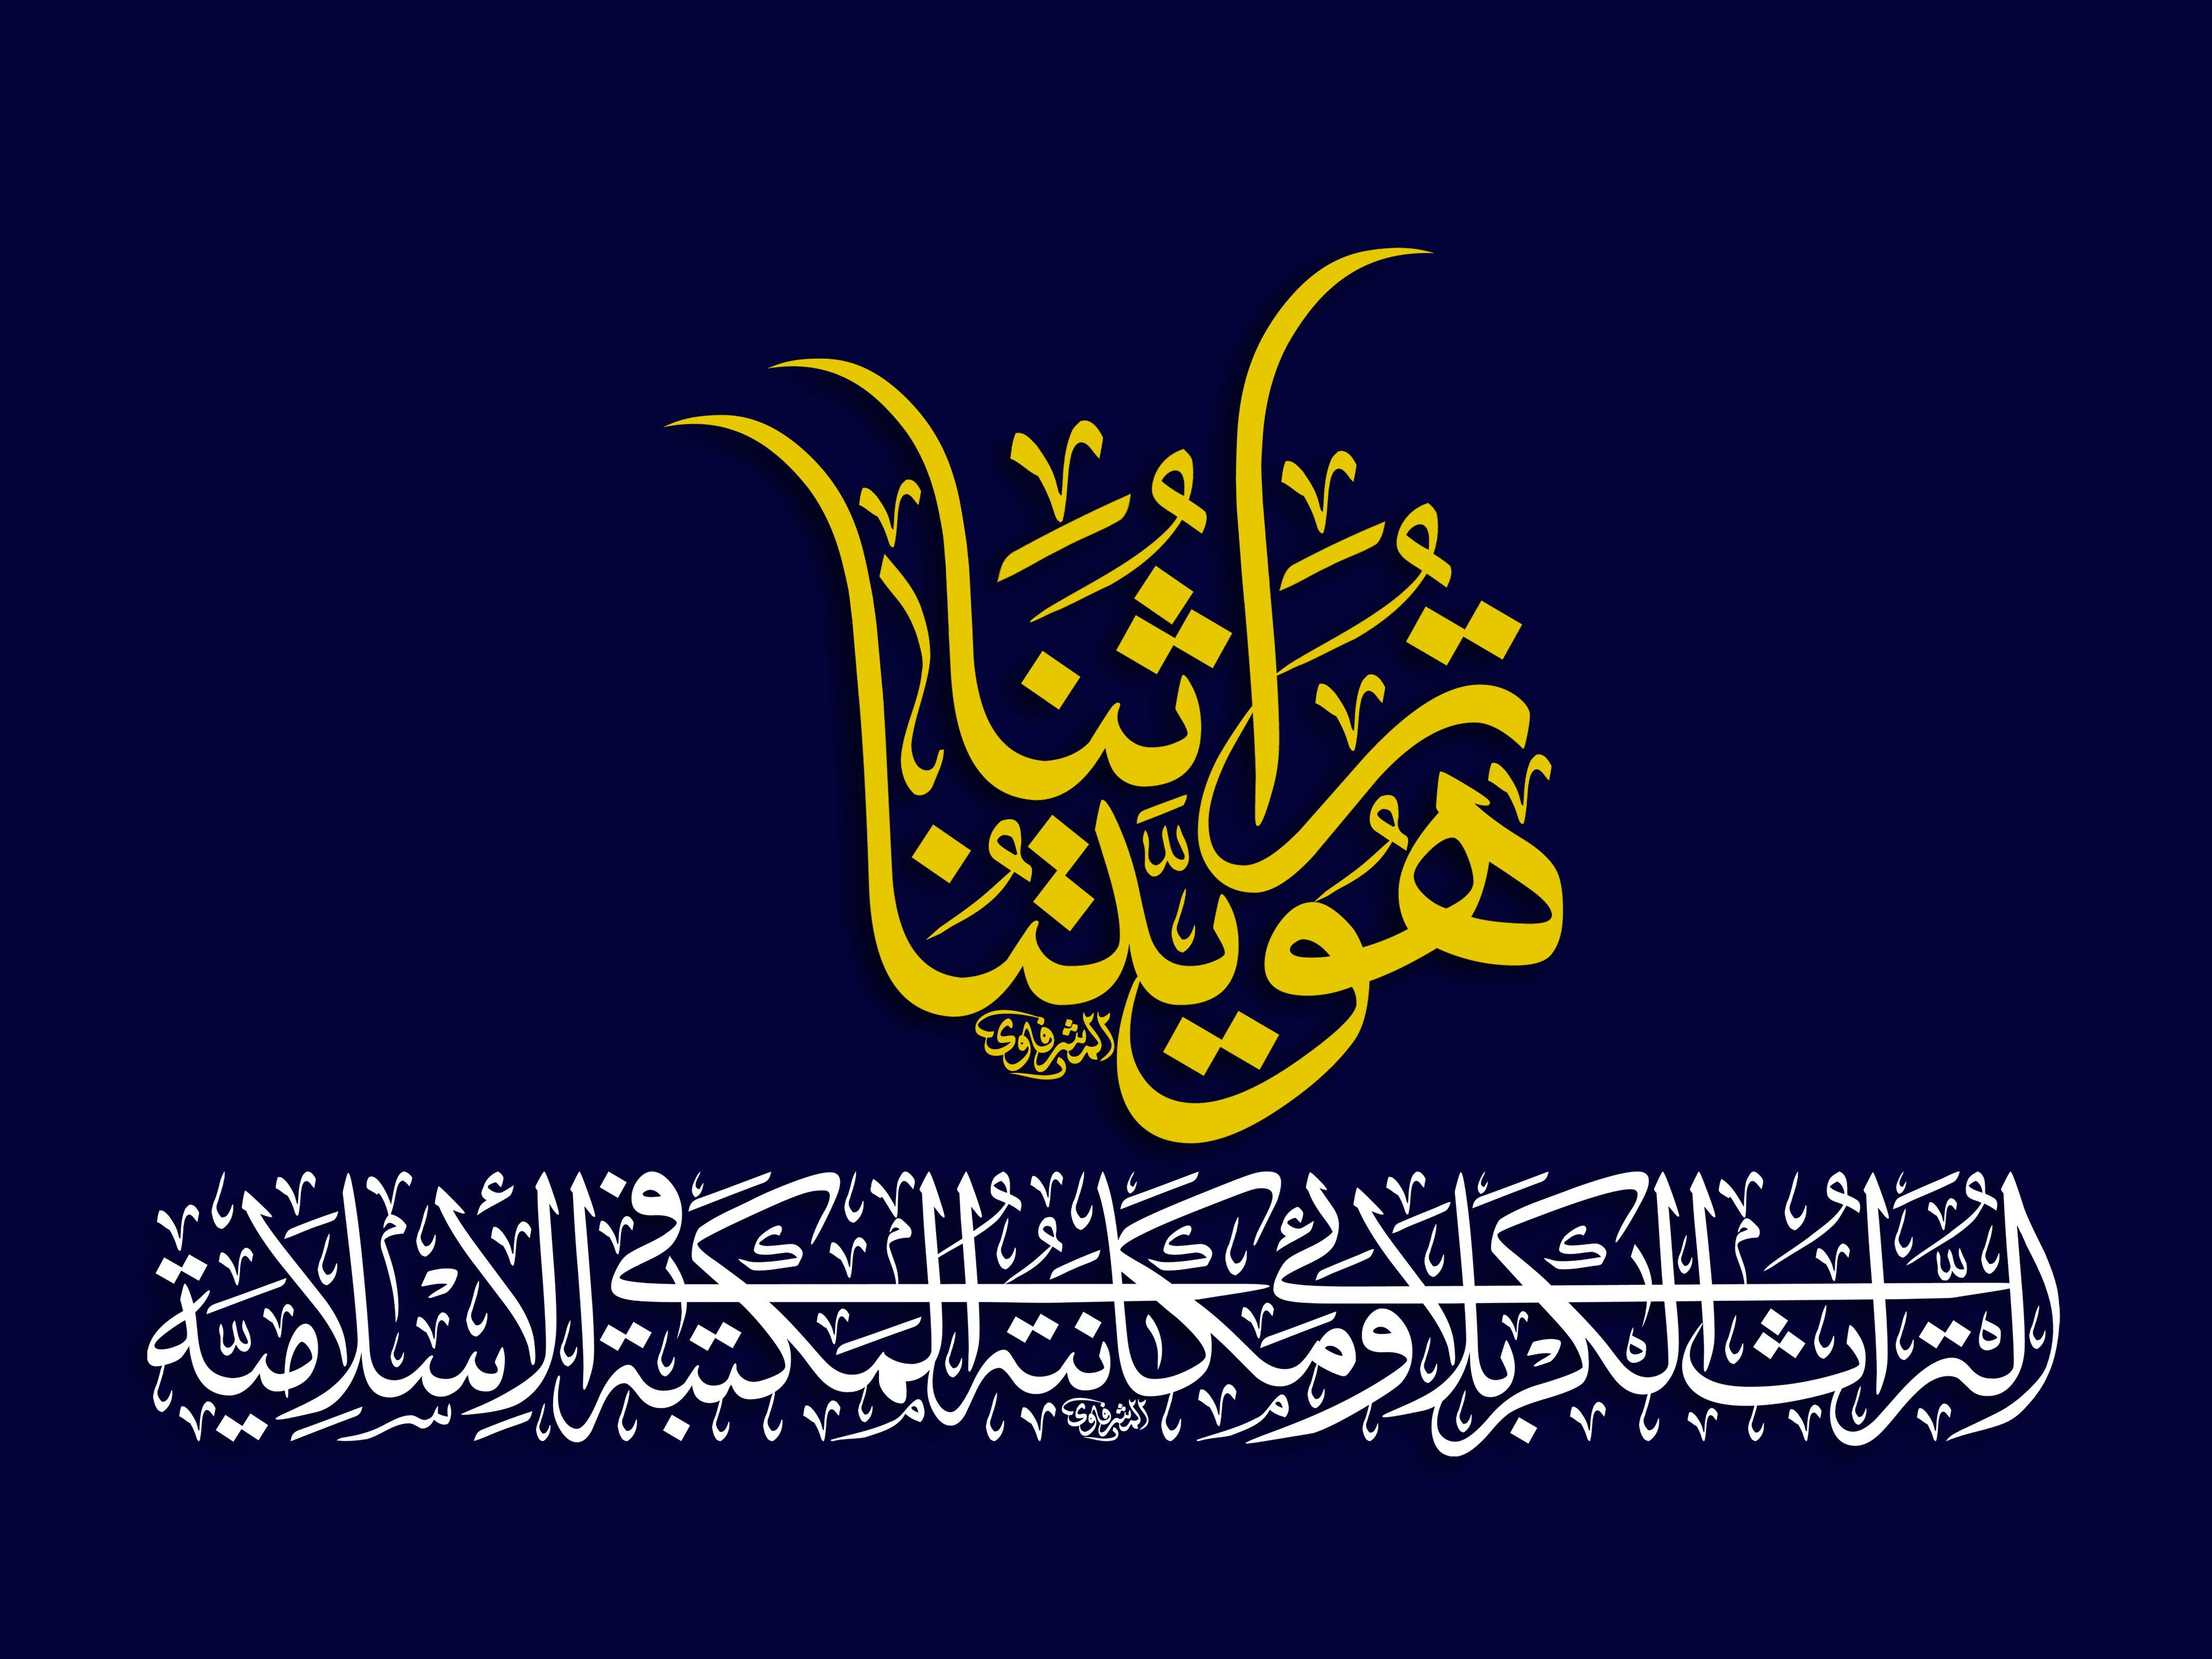 عنوان معرض تراثنا هويتنا الخطاط محمد المشرفاوي Home Decor Decals School Logos Decor